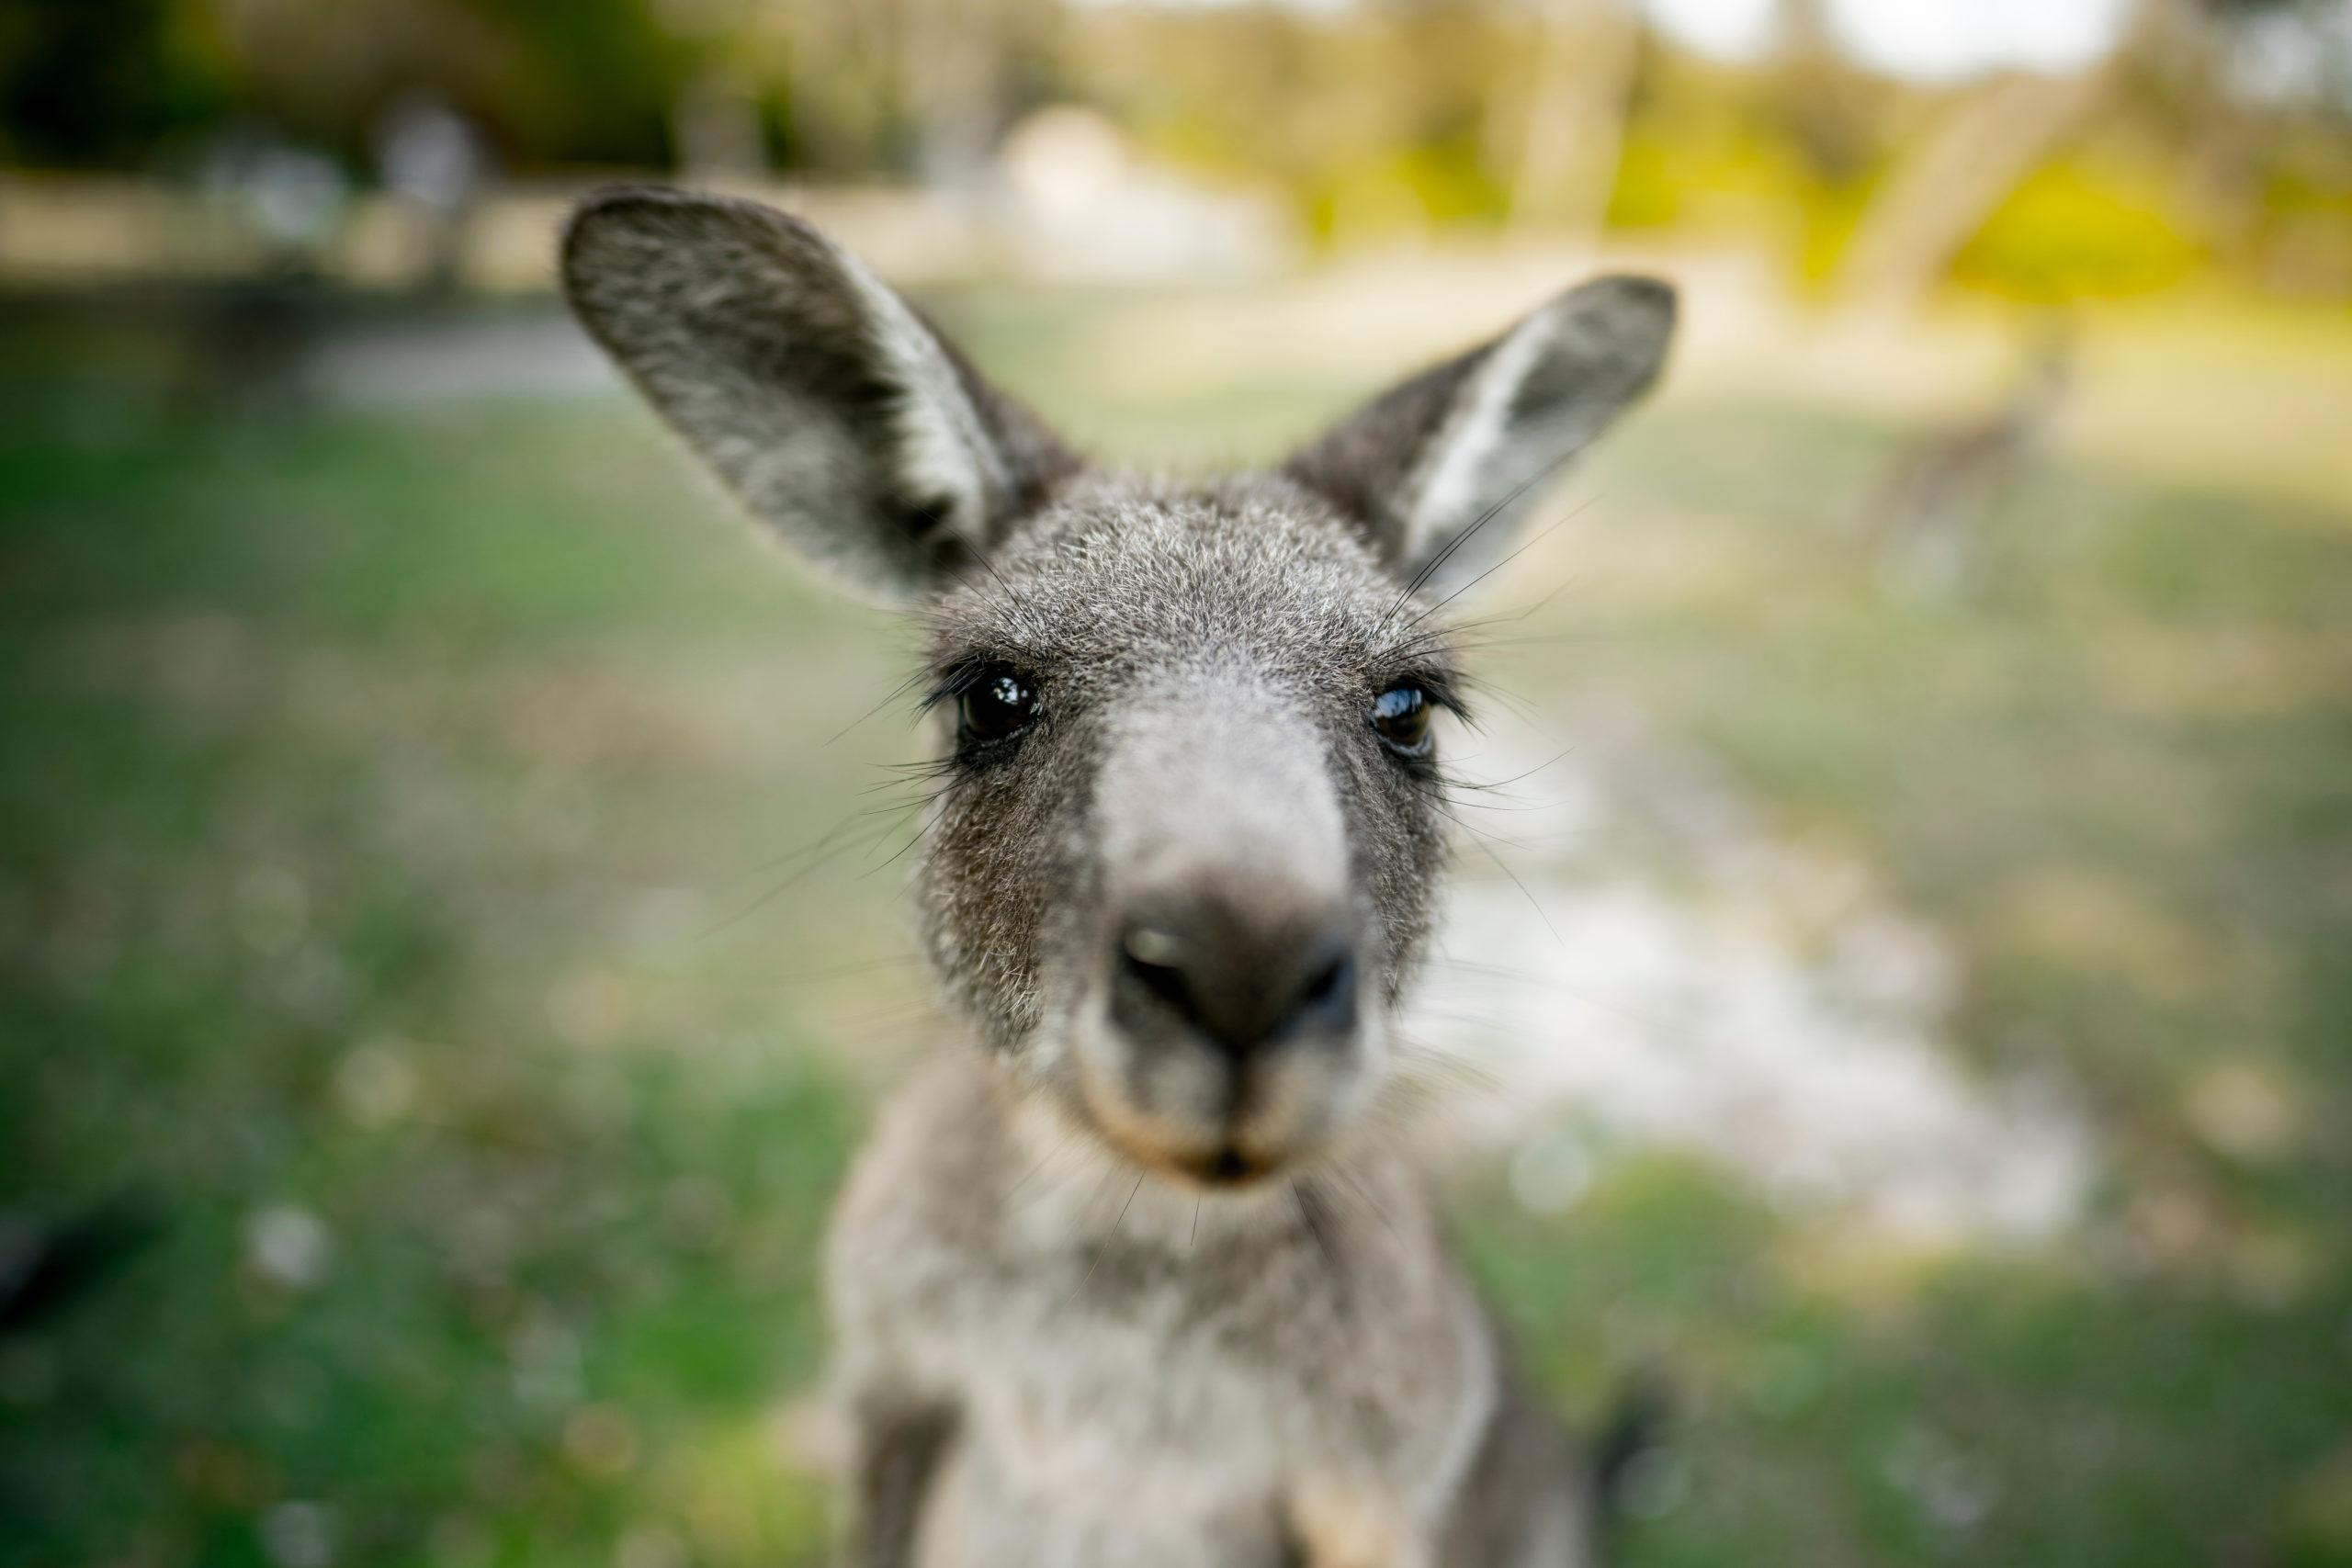 Estudio: los canguros salvajes pueden comunicarse de forma intencional con los humanos